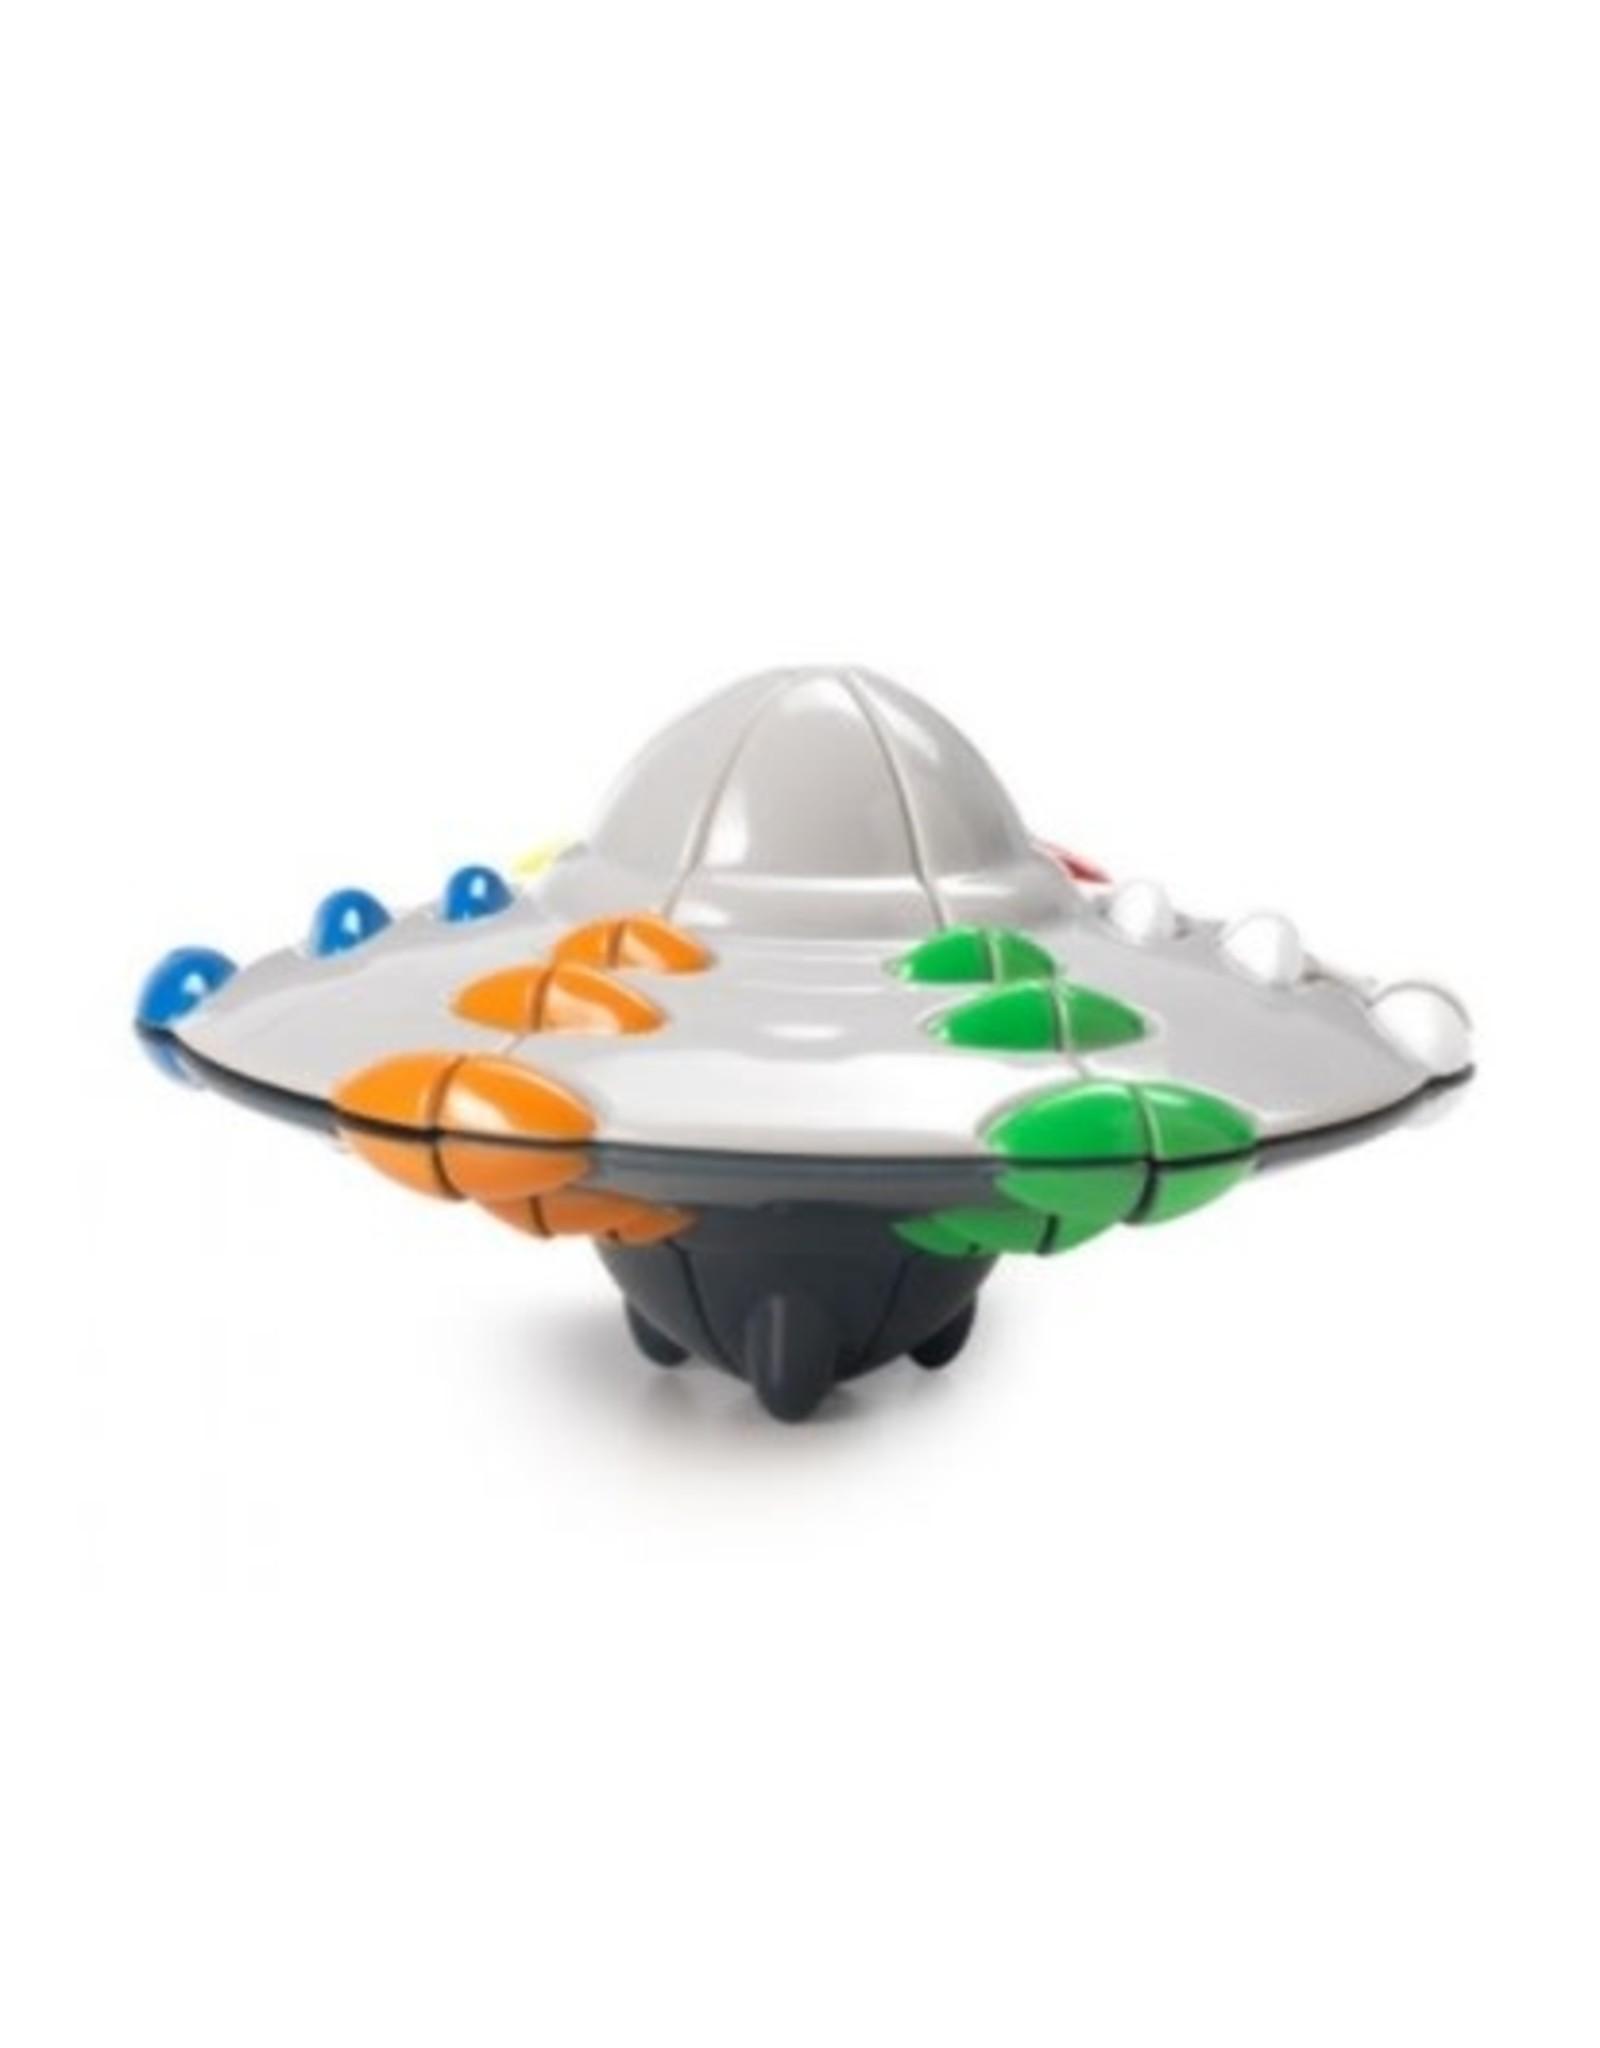 Rubik's Rubik's UFO